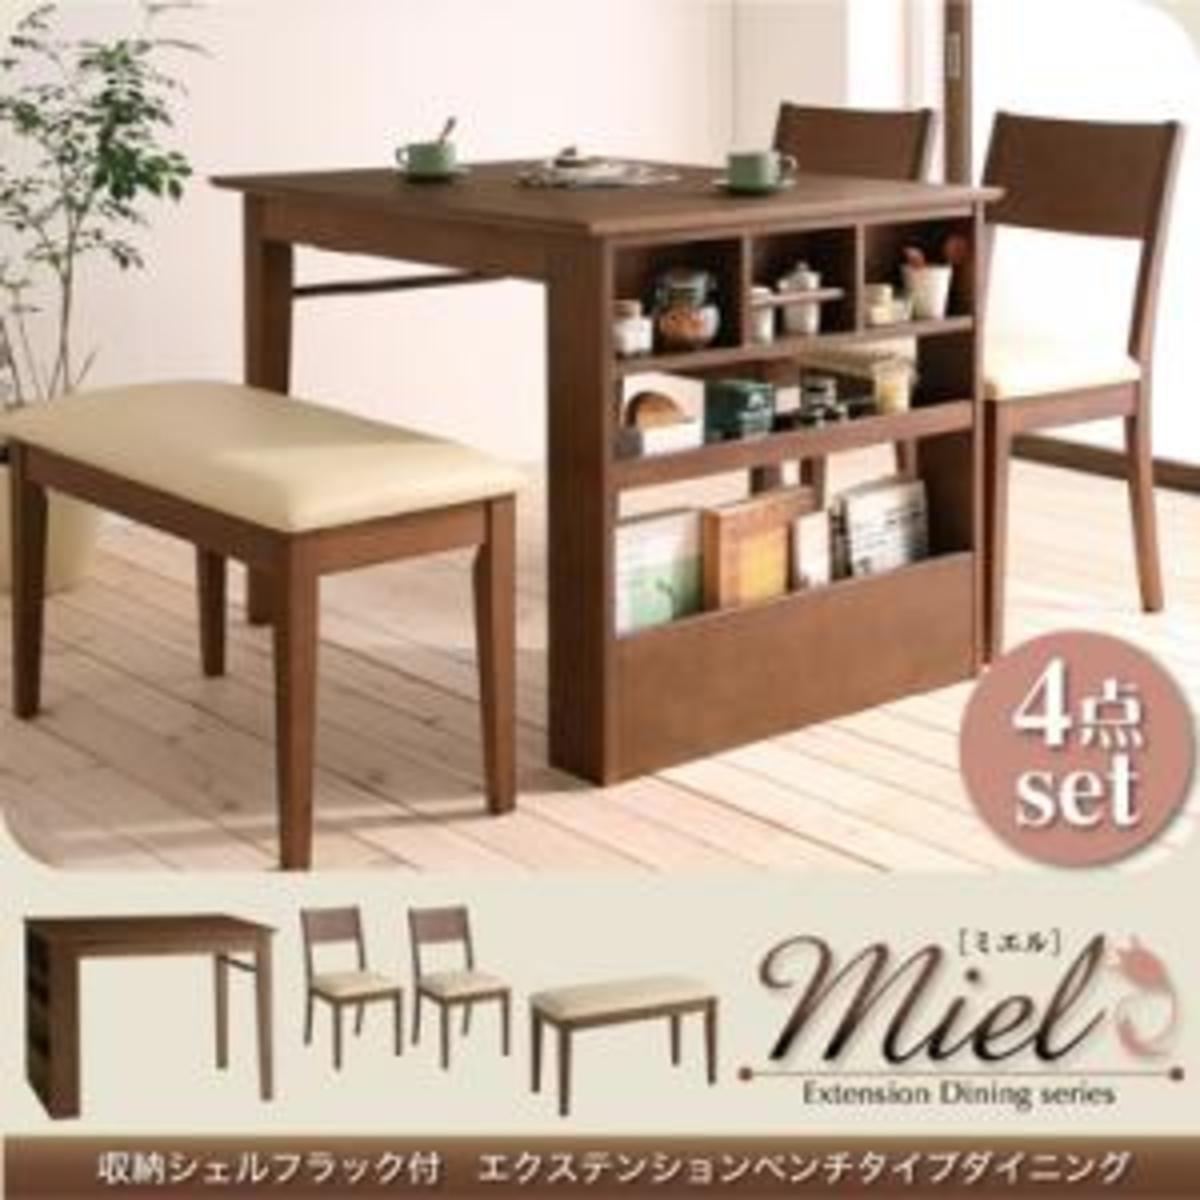 Mile伸縮收納餐桌-4点